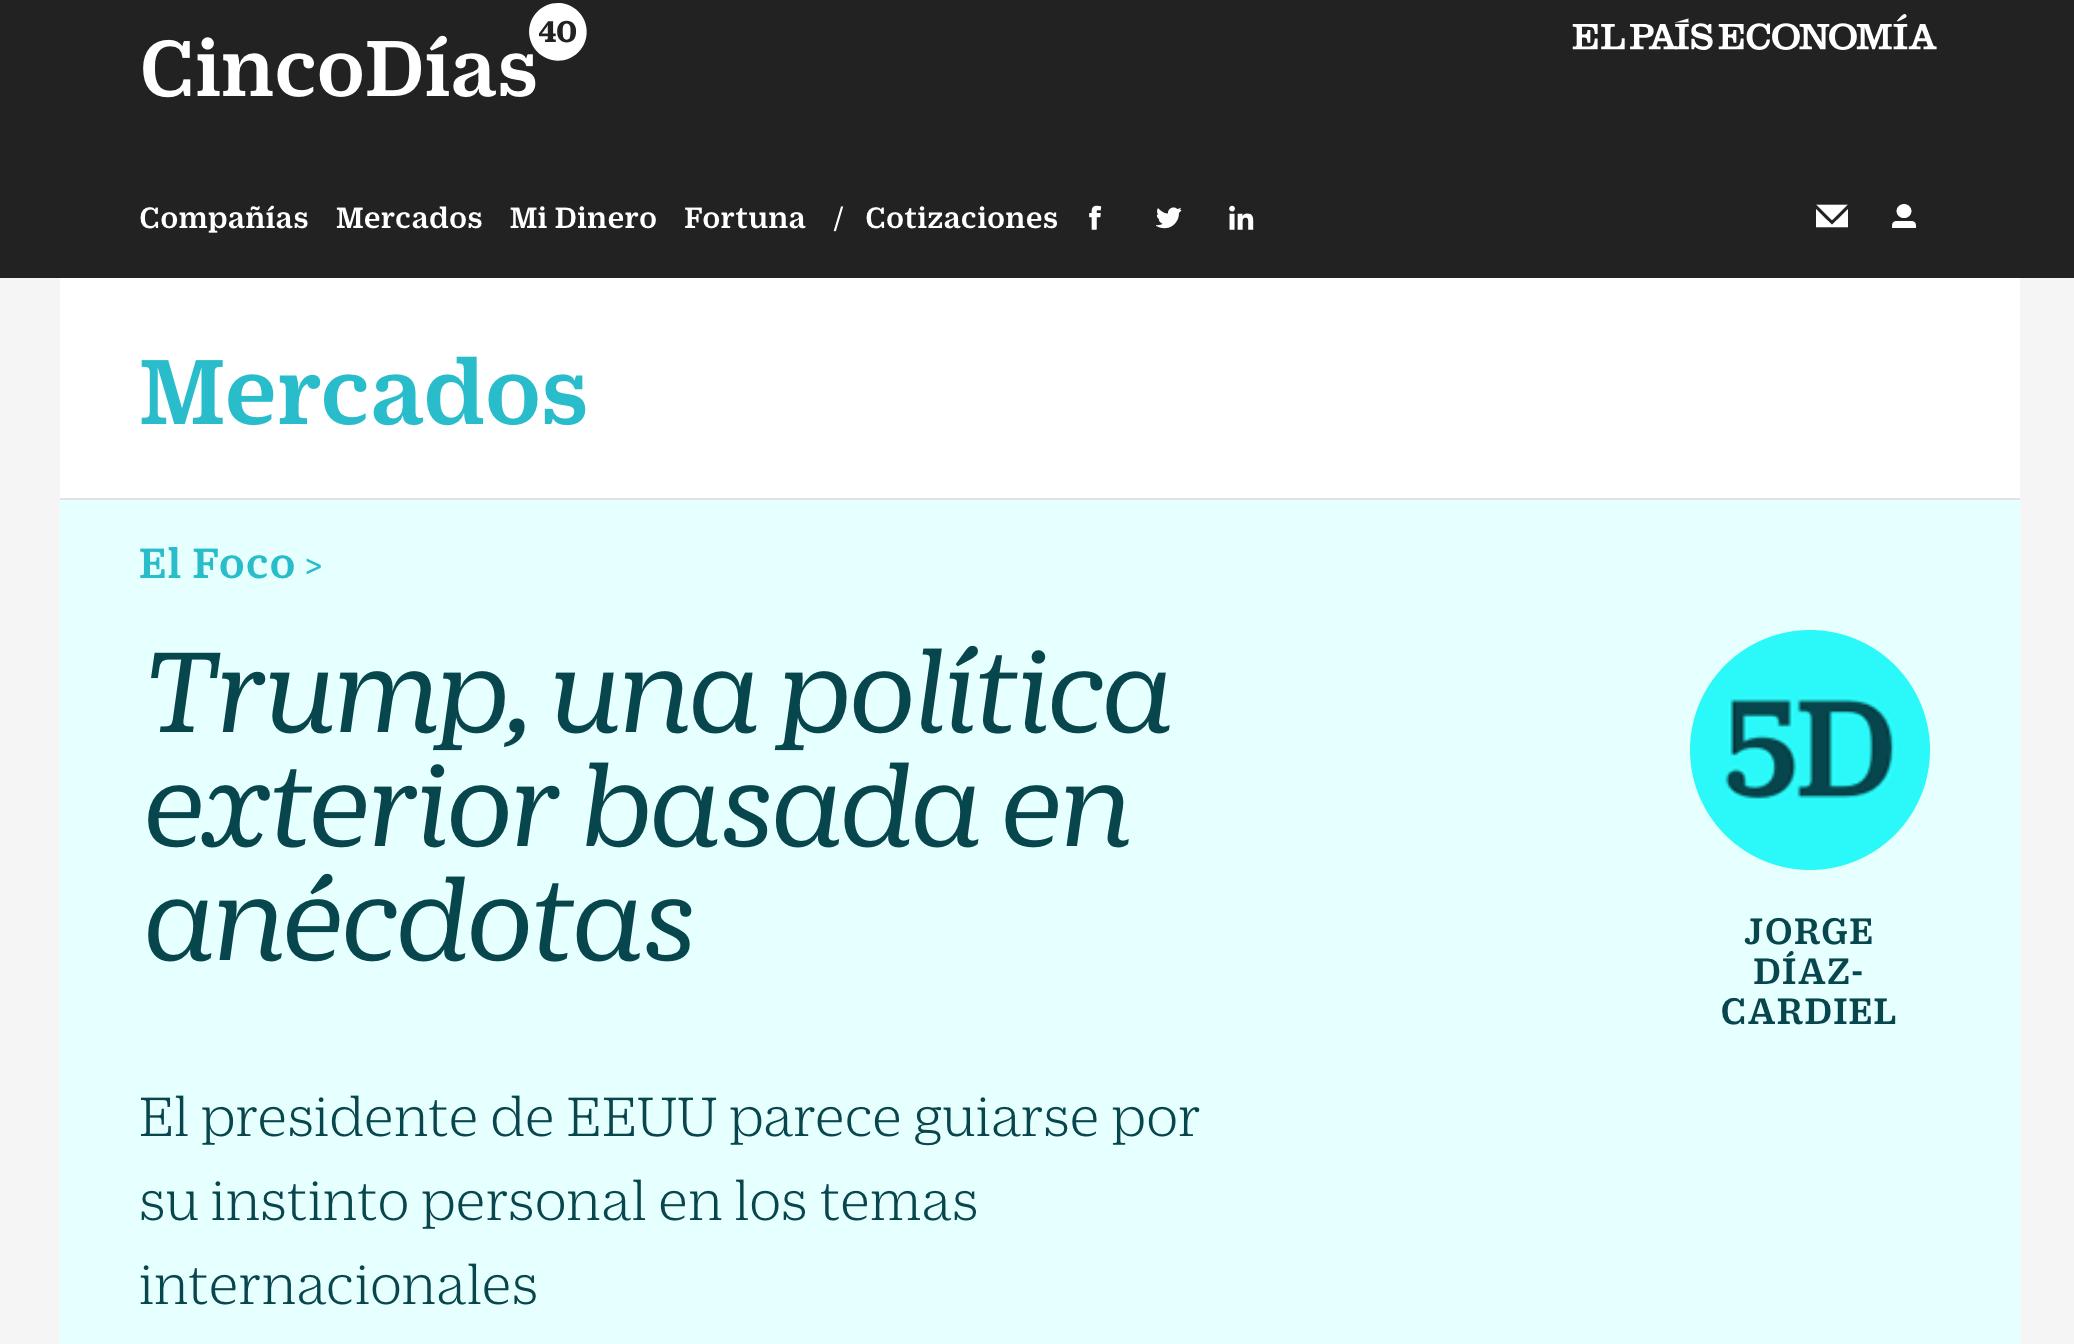 Artículo de Jorge Díaz-Cardiel en Cinco Días - El País Economía